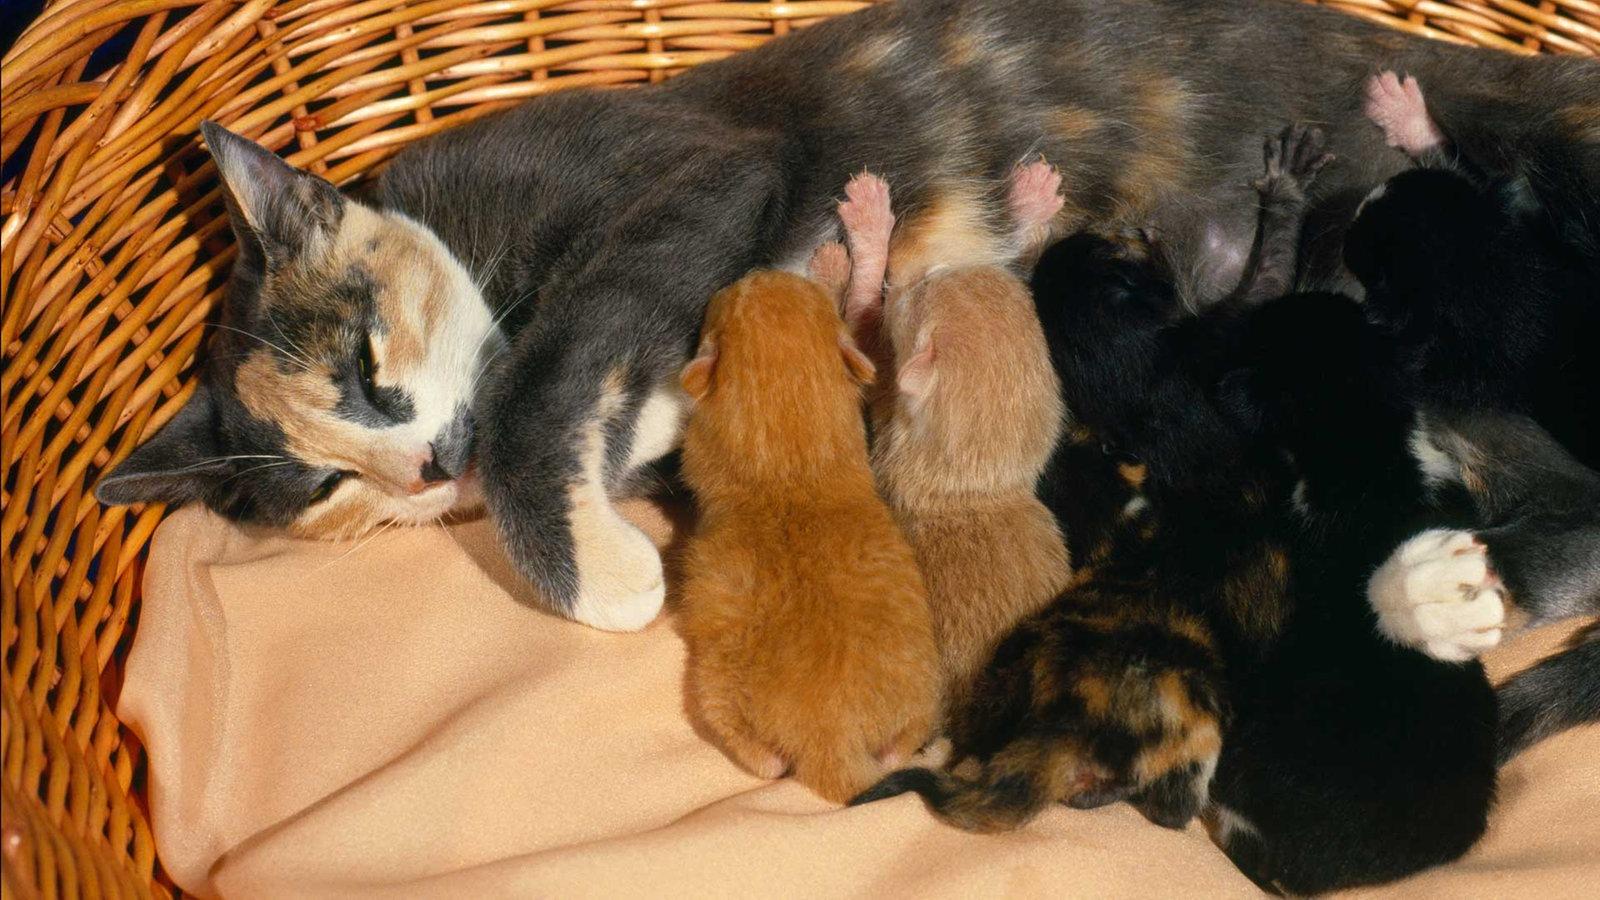 von der babykatze zum stubentiger entwicklung der katze katzen haustiere natur planet. Black Bedroom Furniture Sets. Home Design Ideas